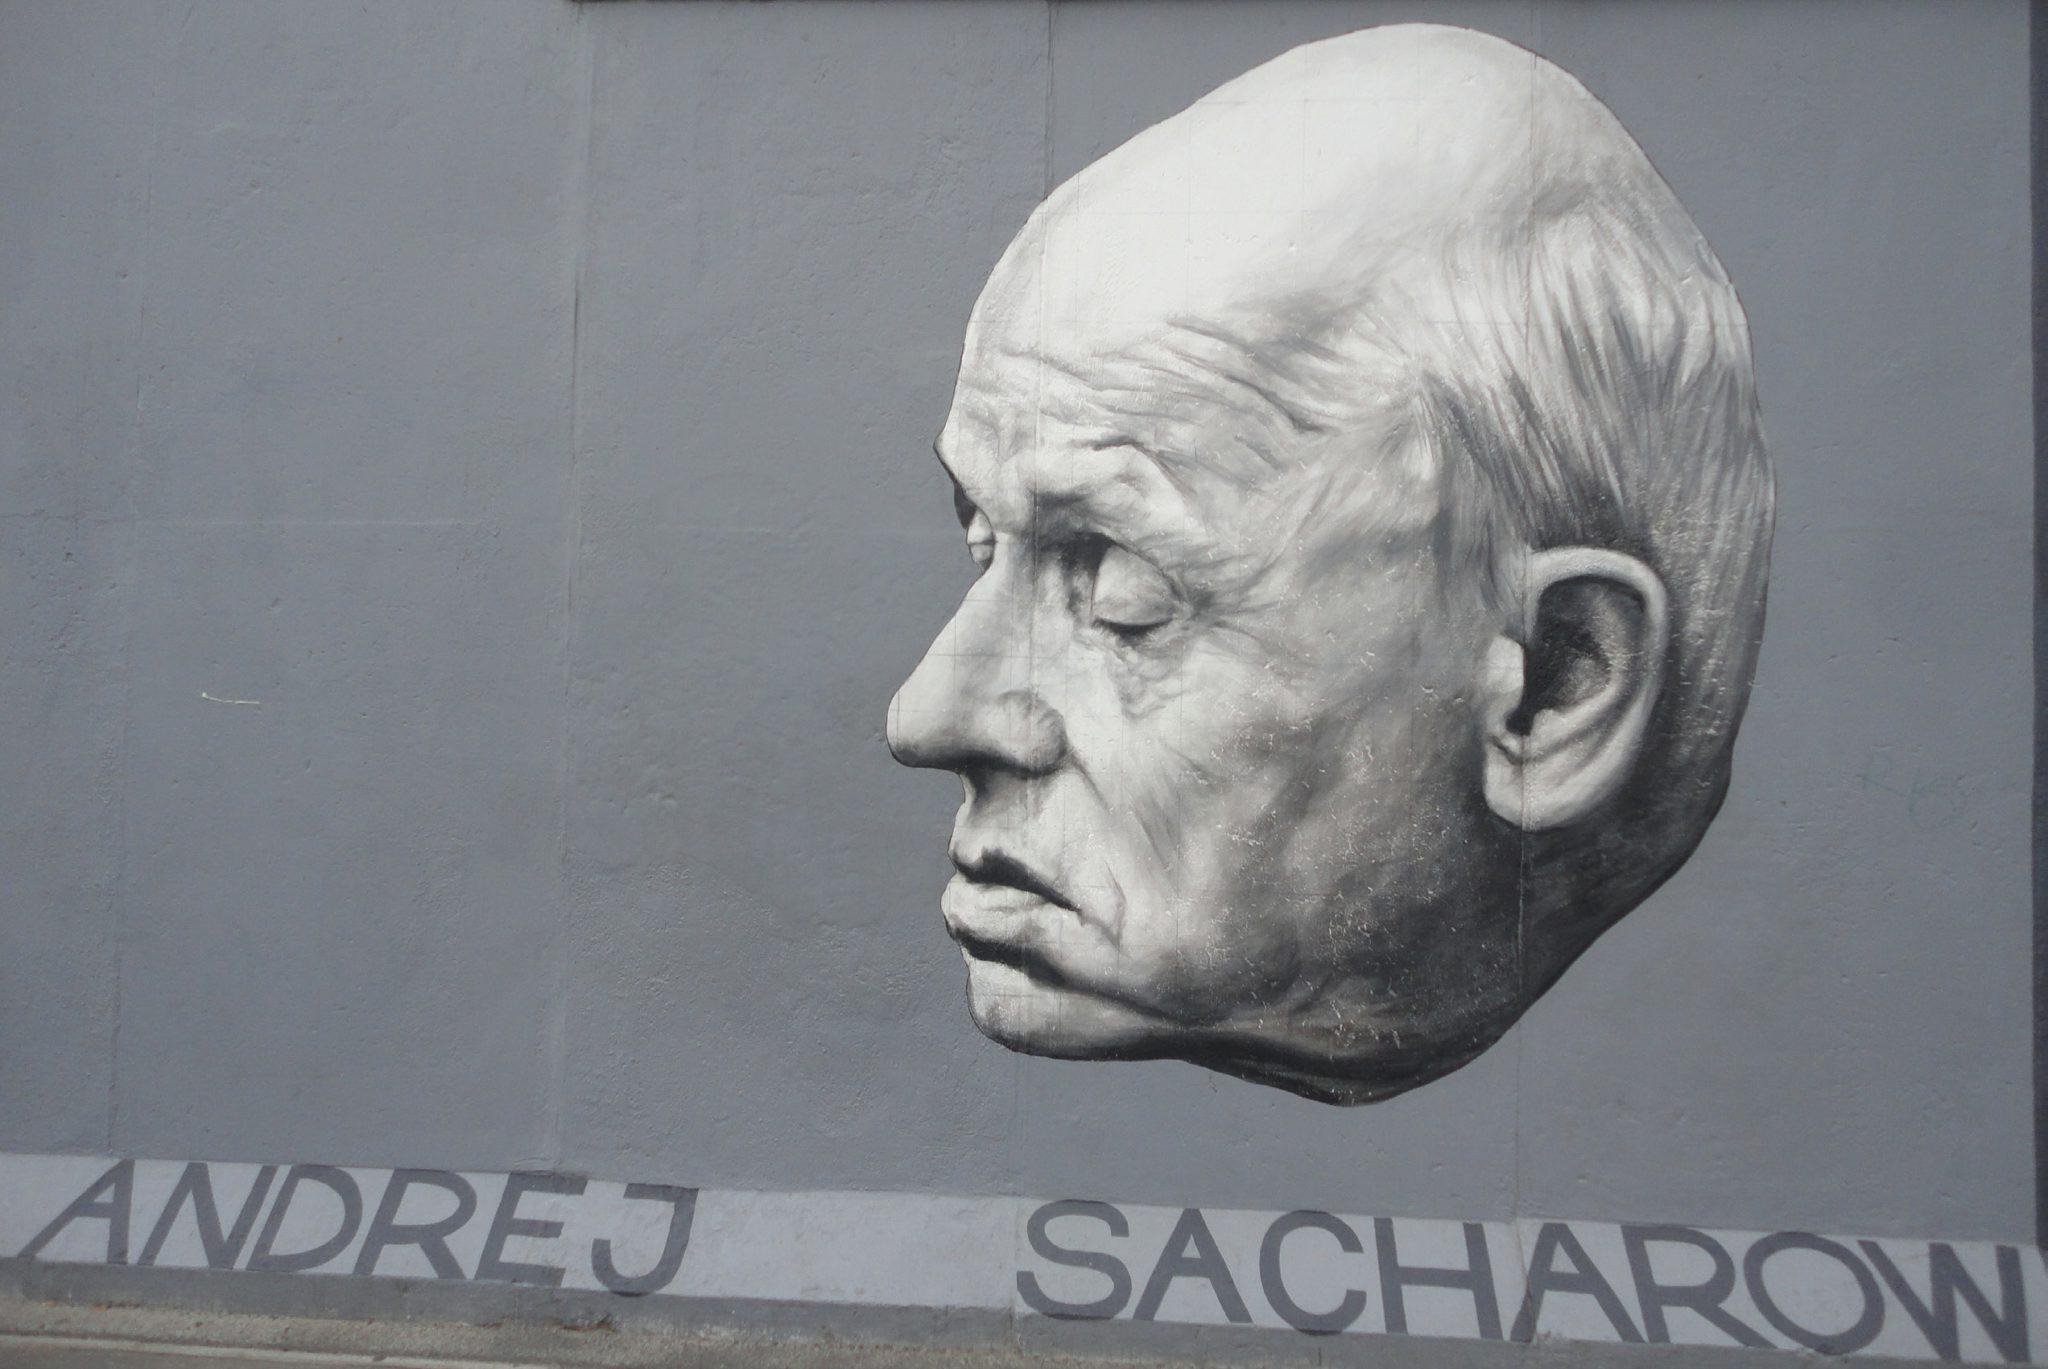 Портрет физика, диссидента, лауреата Нобелевской премии мира 1975 года Андрея Сахарова работы Дмитрия Врубеля на одном из сохранившихся фрагментов Берлинской стены (восстановлен в 2009 году)